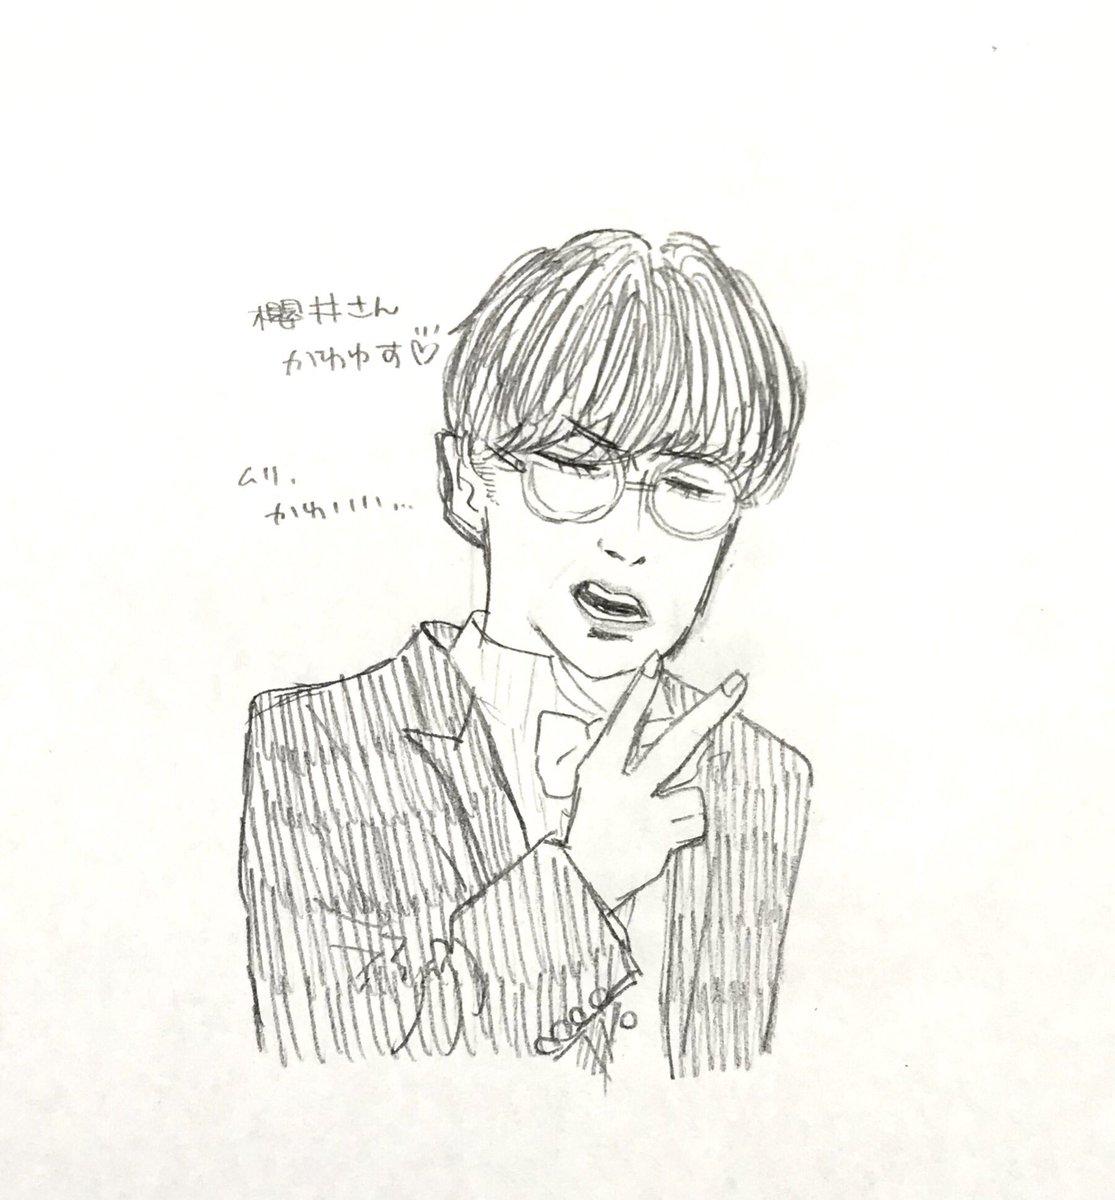 """輝夜 on twitter: """"あぁ 櫻井サンかわいい 尊い #櫻井孝宏 #櫻井"""